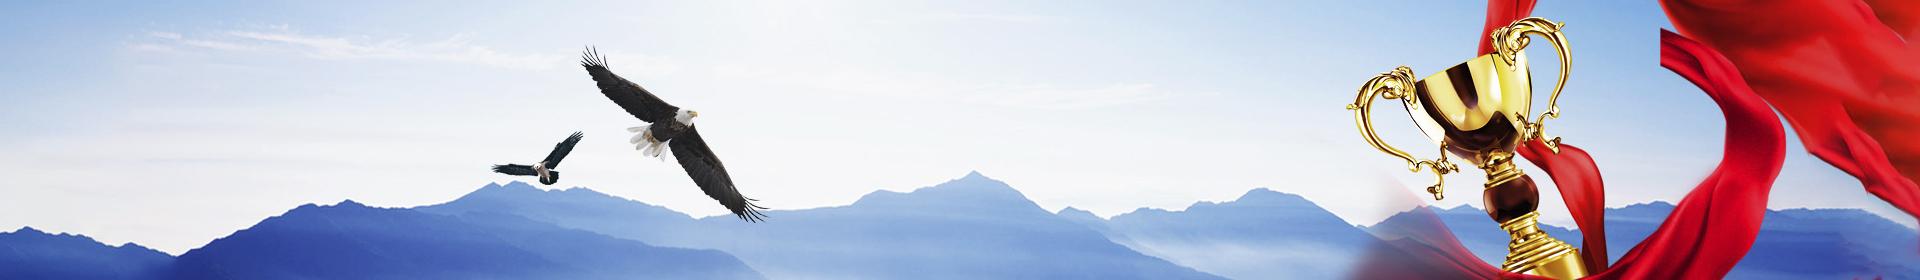 上海雷竞技网页版雷竞技官网下载(无锡)有限公司,上海雷竞技网页版雷竞技官网下载,雷竞技网页版雷竞技官网下载,无锡雷竞技网页版雷竞技官网下载